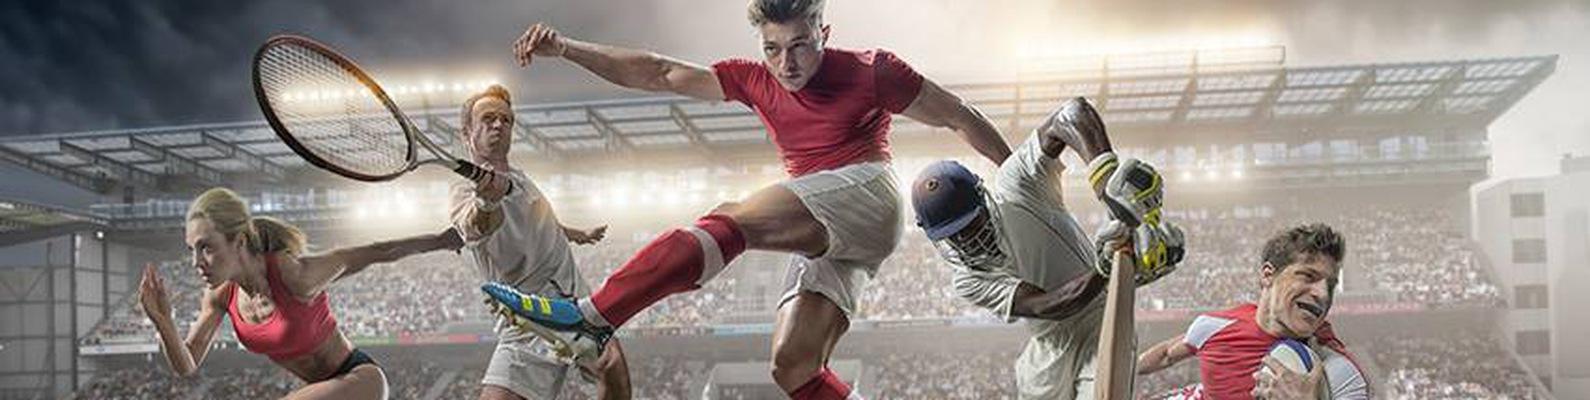 Хоккей и футбол в одной картинке